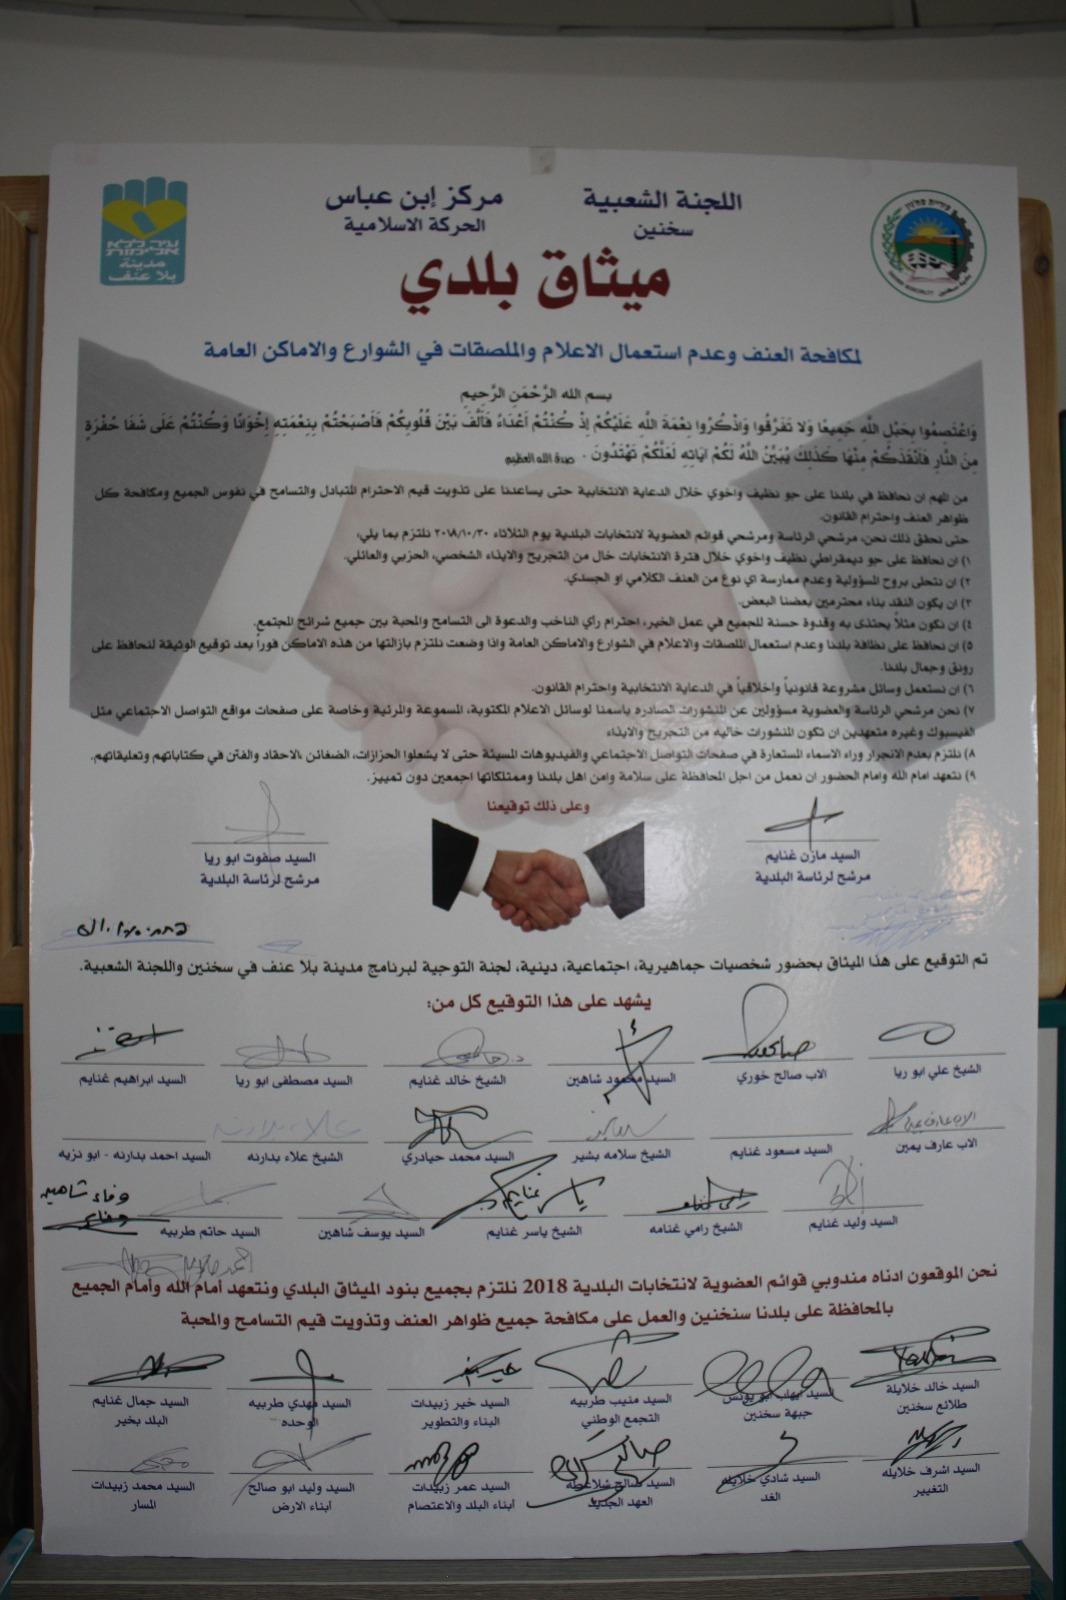 سخنين: ميثاق شرف يلزم مرشحي الرئاسة والعضوية بالتنافس الحضاري